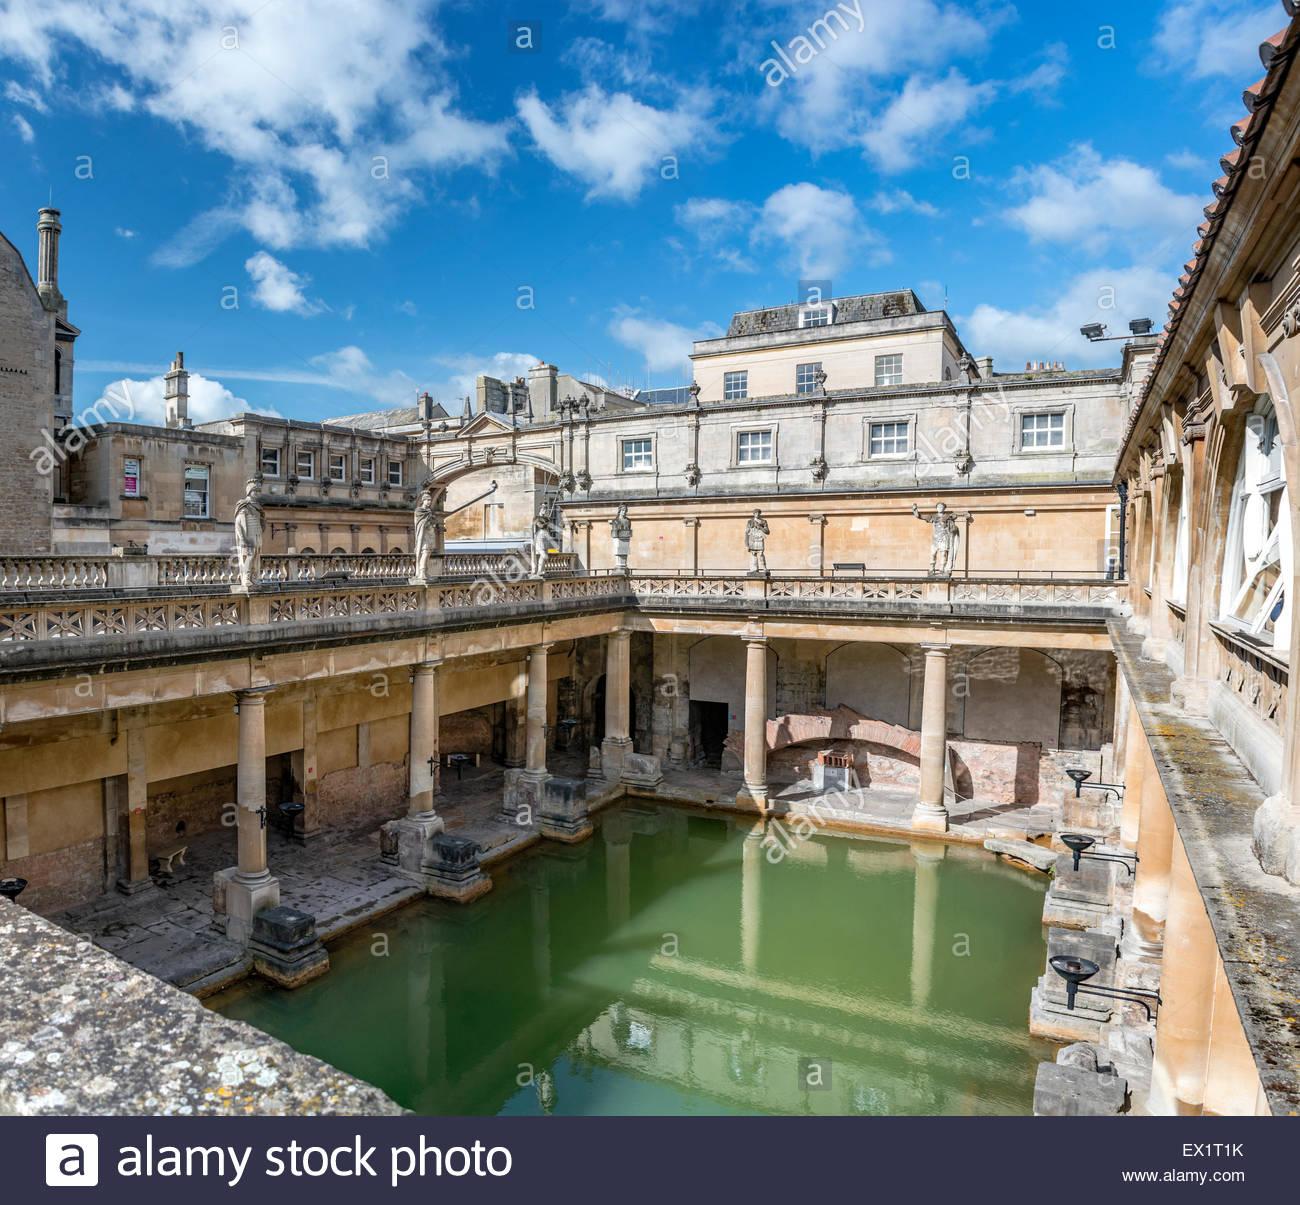 Die Roman Baths Komplex, ein Ort von historischem Interesse in der englischen Stadt Bath, Somerset, England. Stockbild